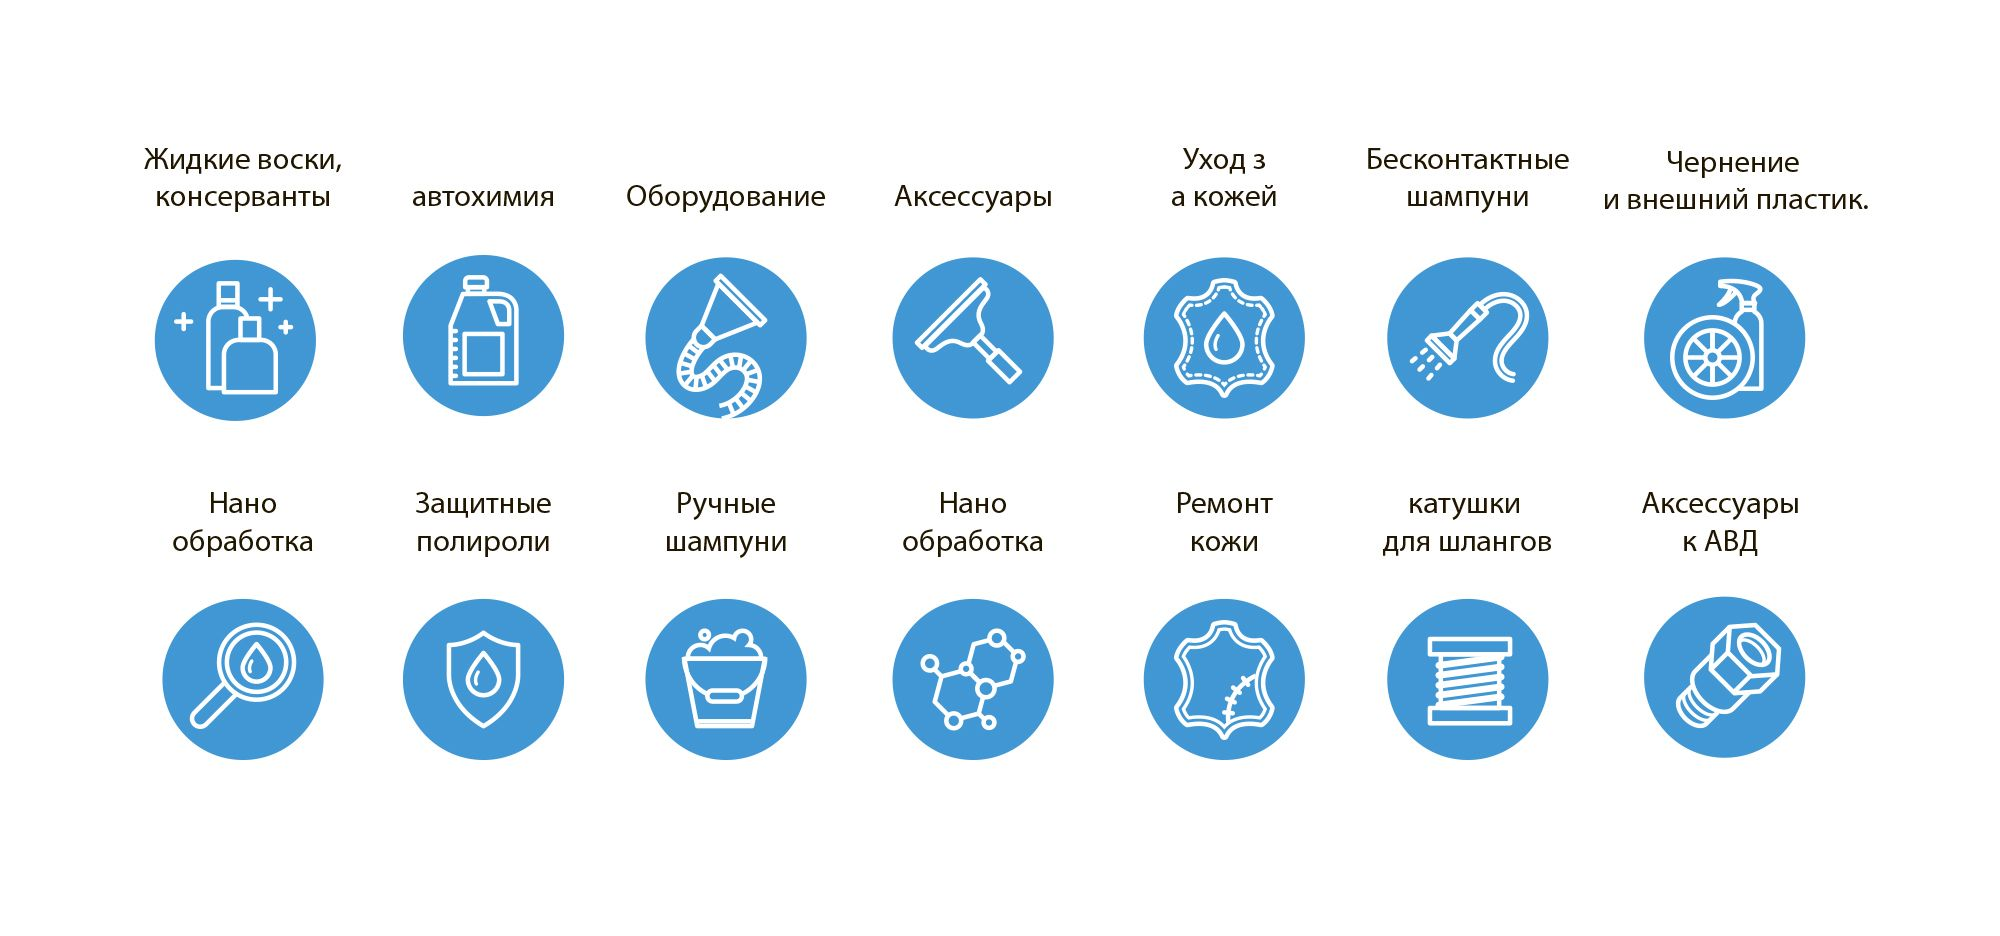 Иконки категорий для сайта автокосметики - дизайнер vocabula